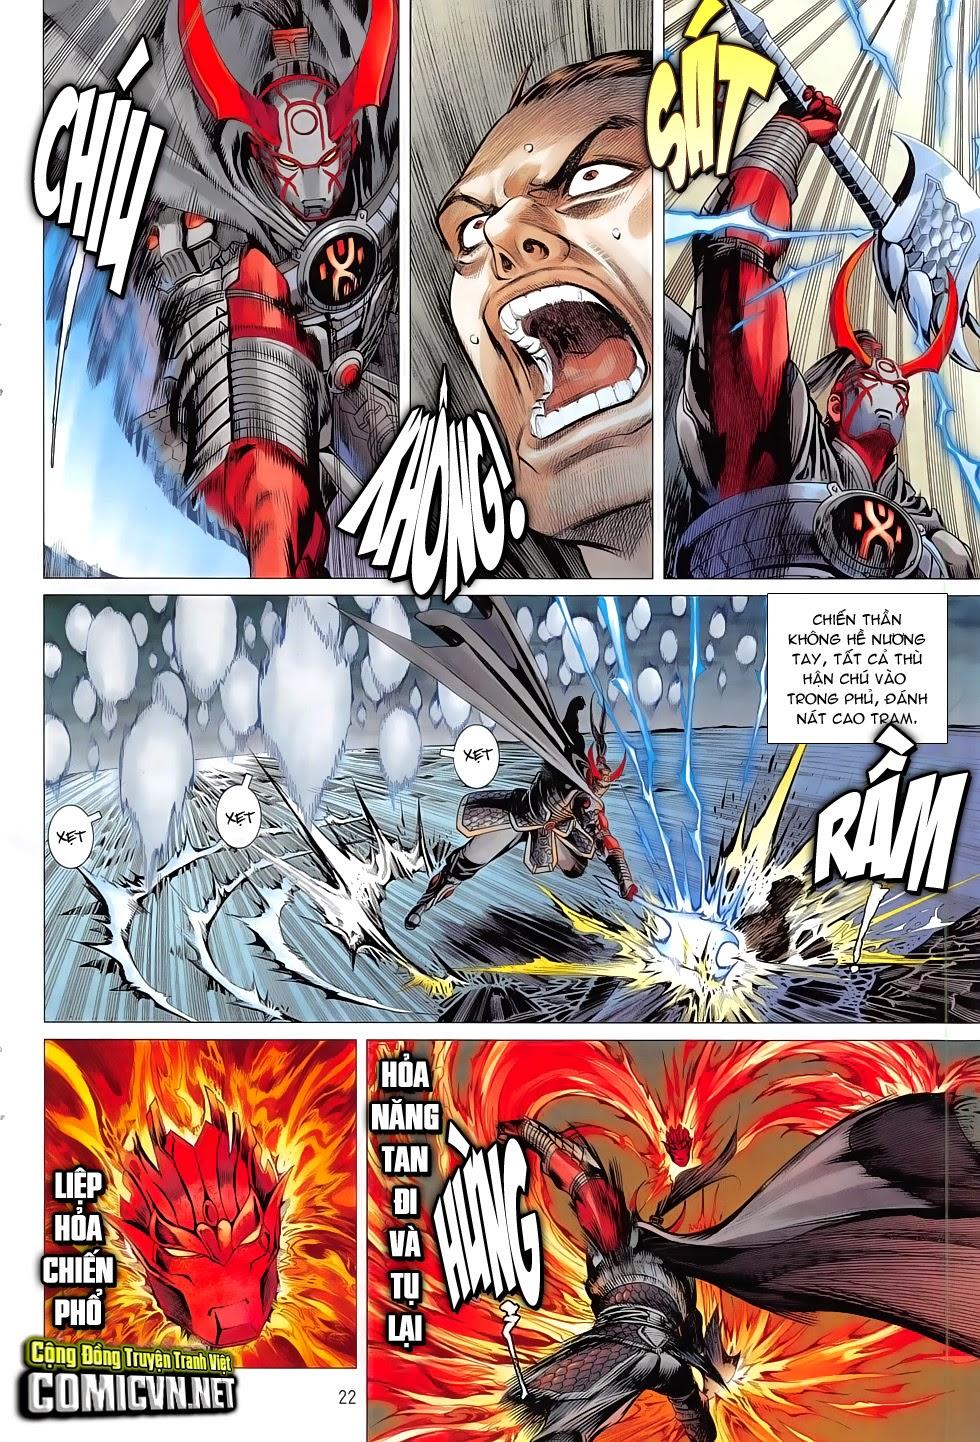 Chiến Phổ chapter 7: giết mi không chỉ mình ta trang 22